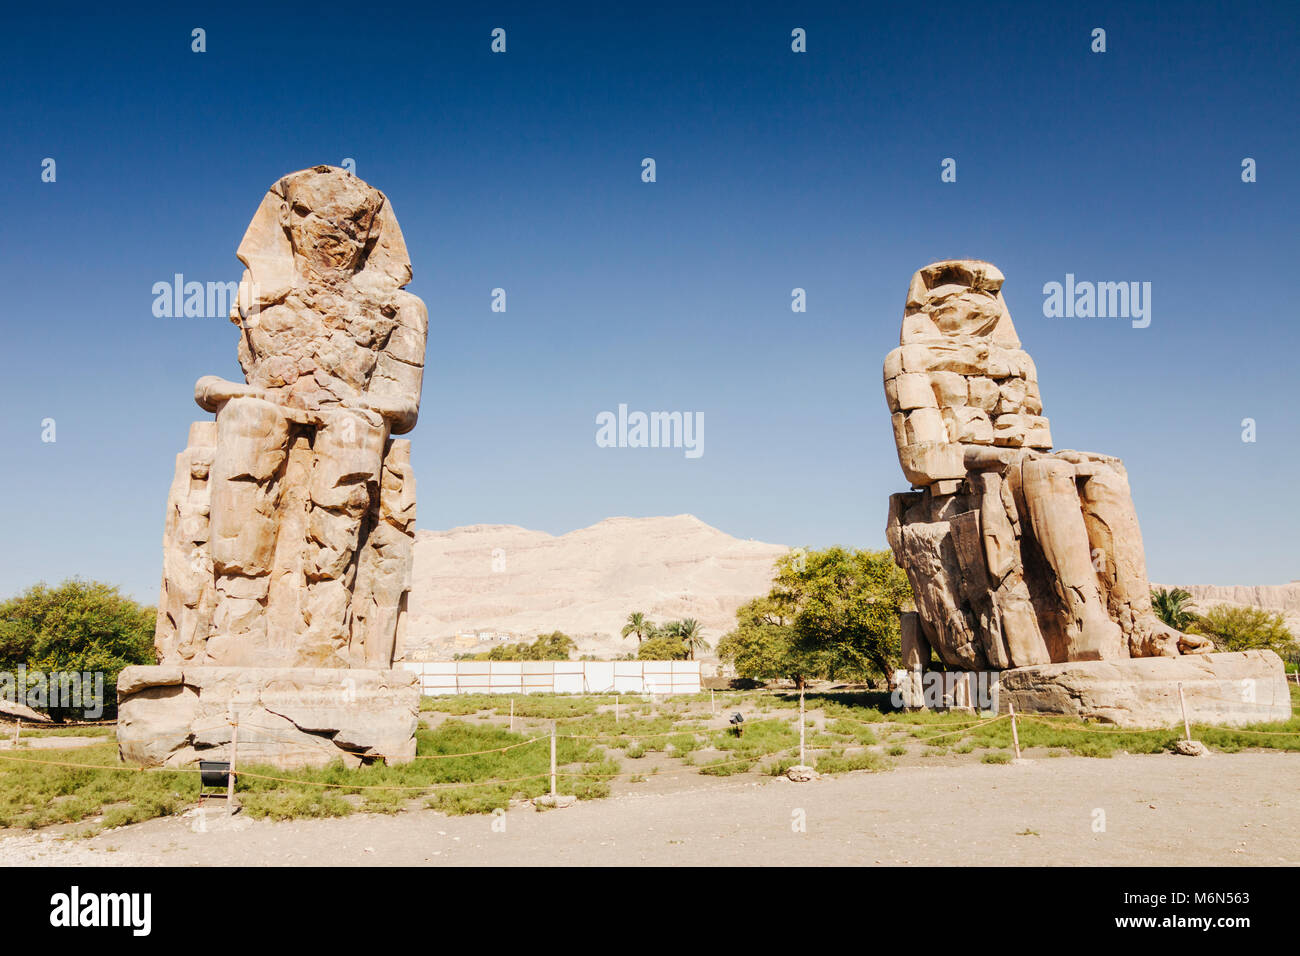 Luxor, Egitto. Colosso di Memnon, due enormi statue di pietra del faraone Amenhotep III, che regnò in Egitto Immagini Stock